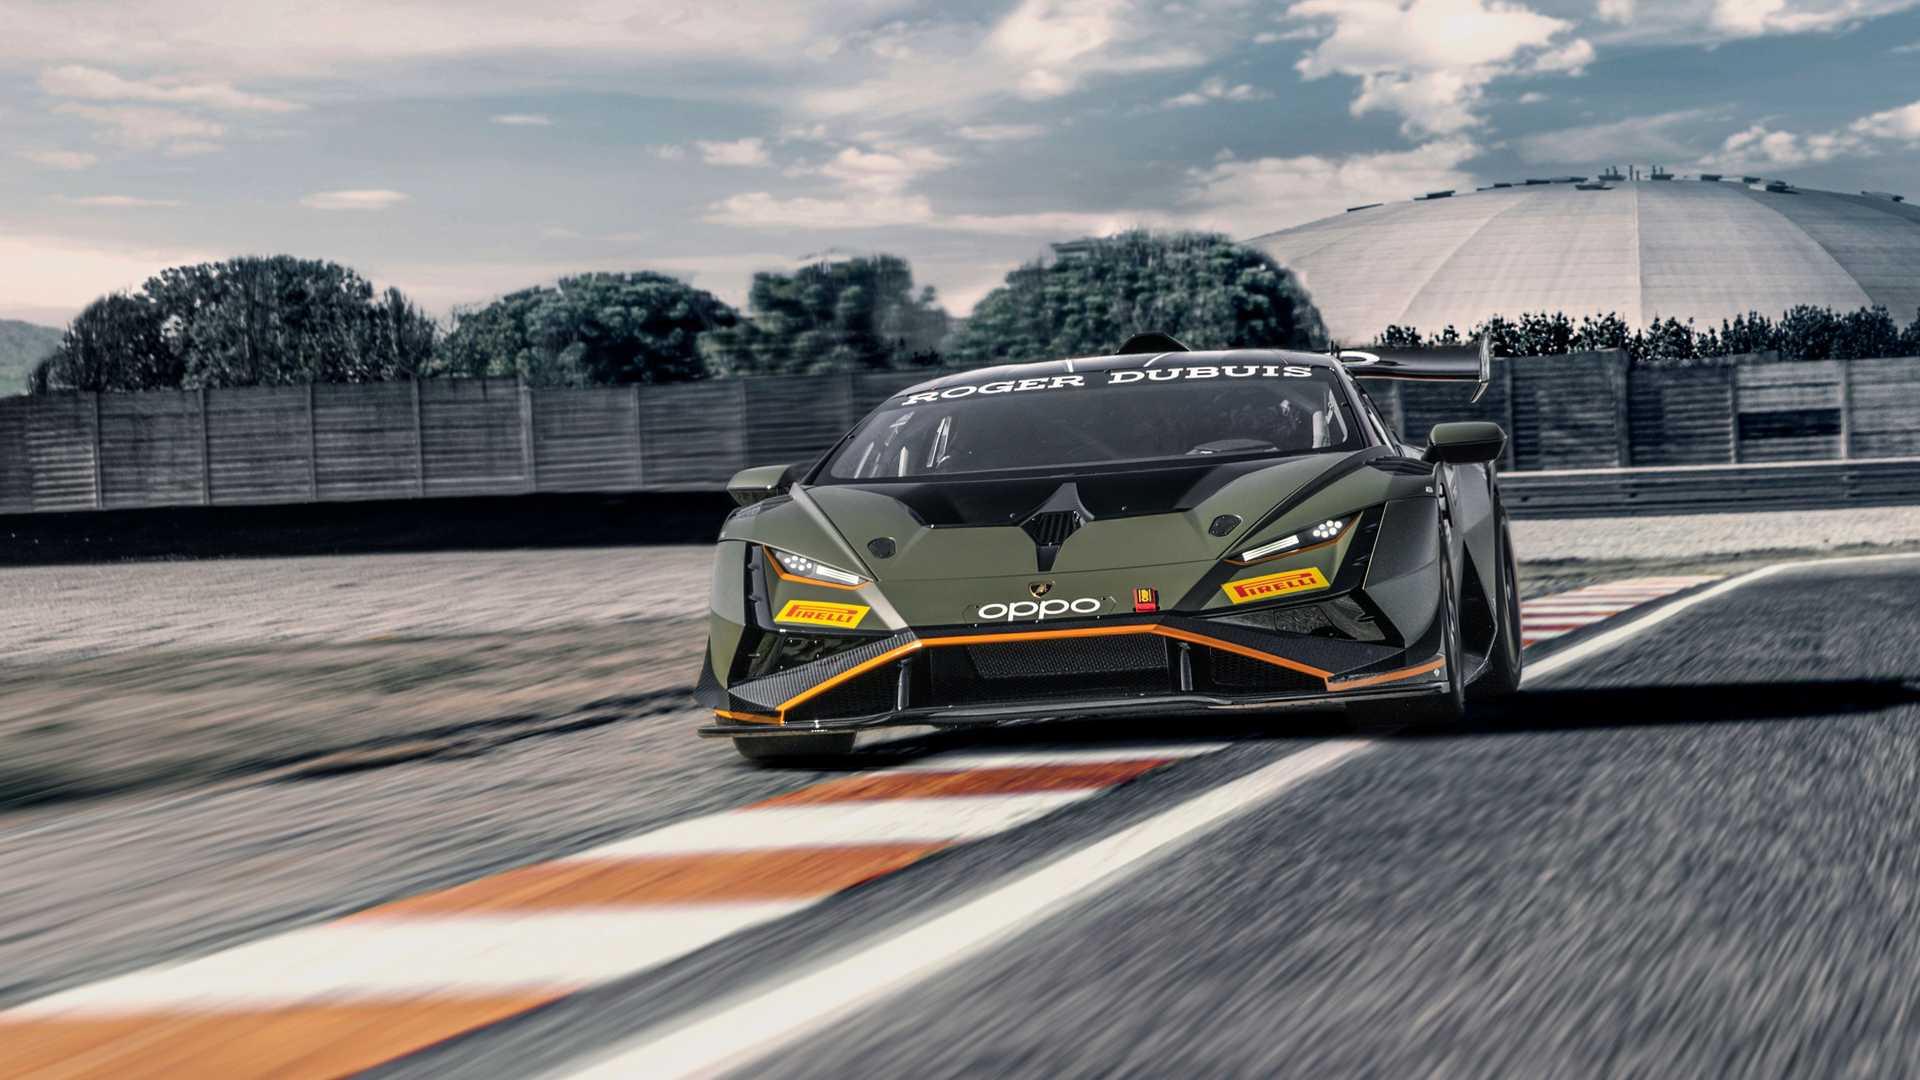 Lamborghini-trình-làng-xe-đua-Huracán-Super-Trofeo-EVO2 (1).jpg